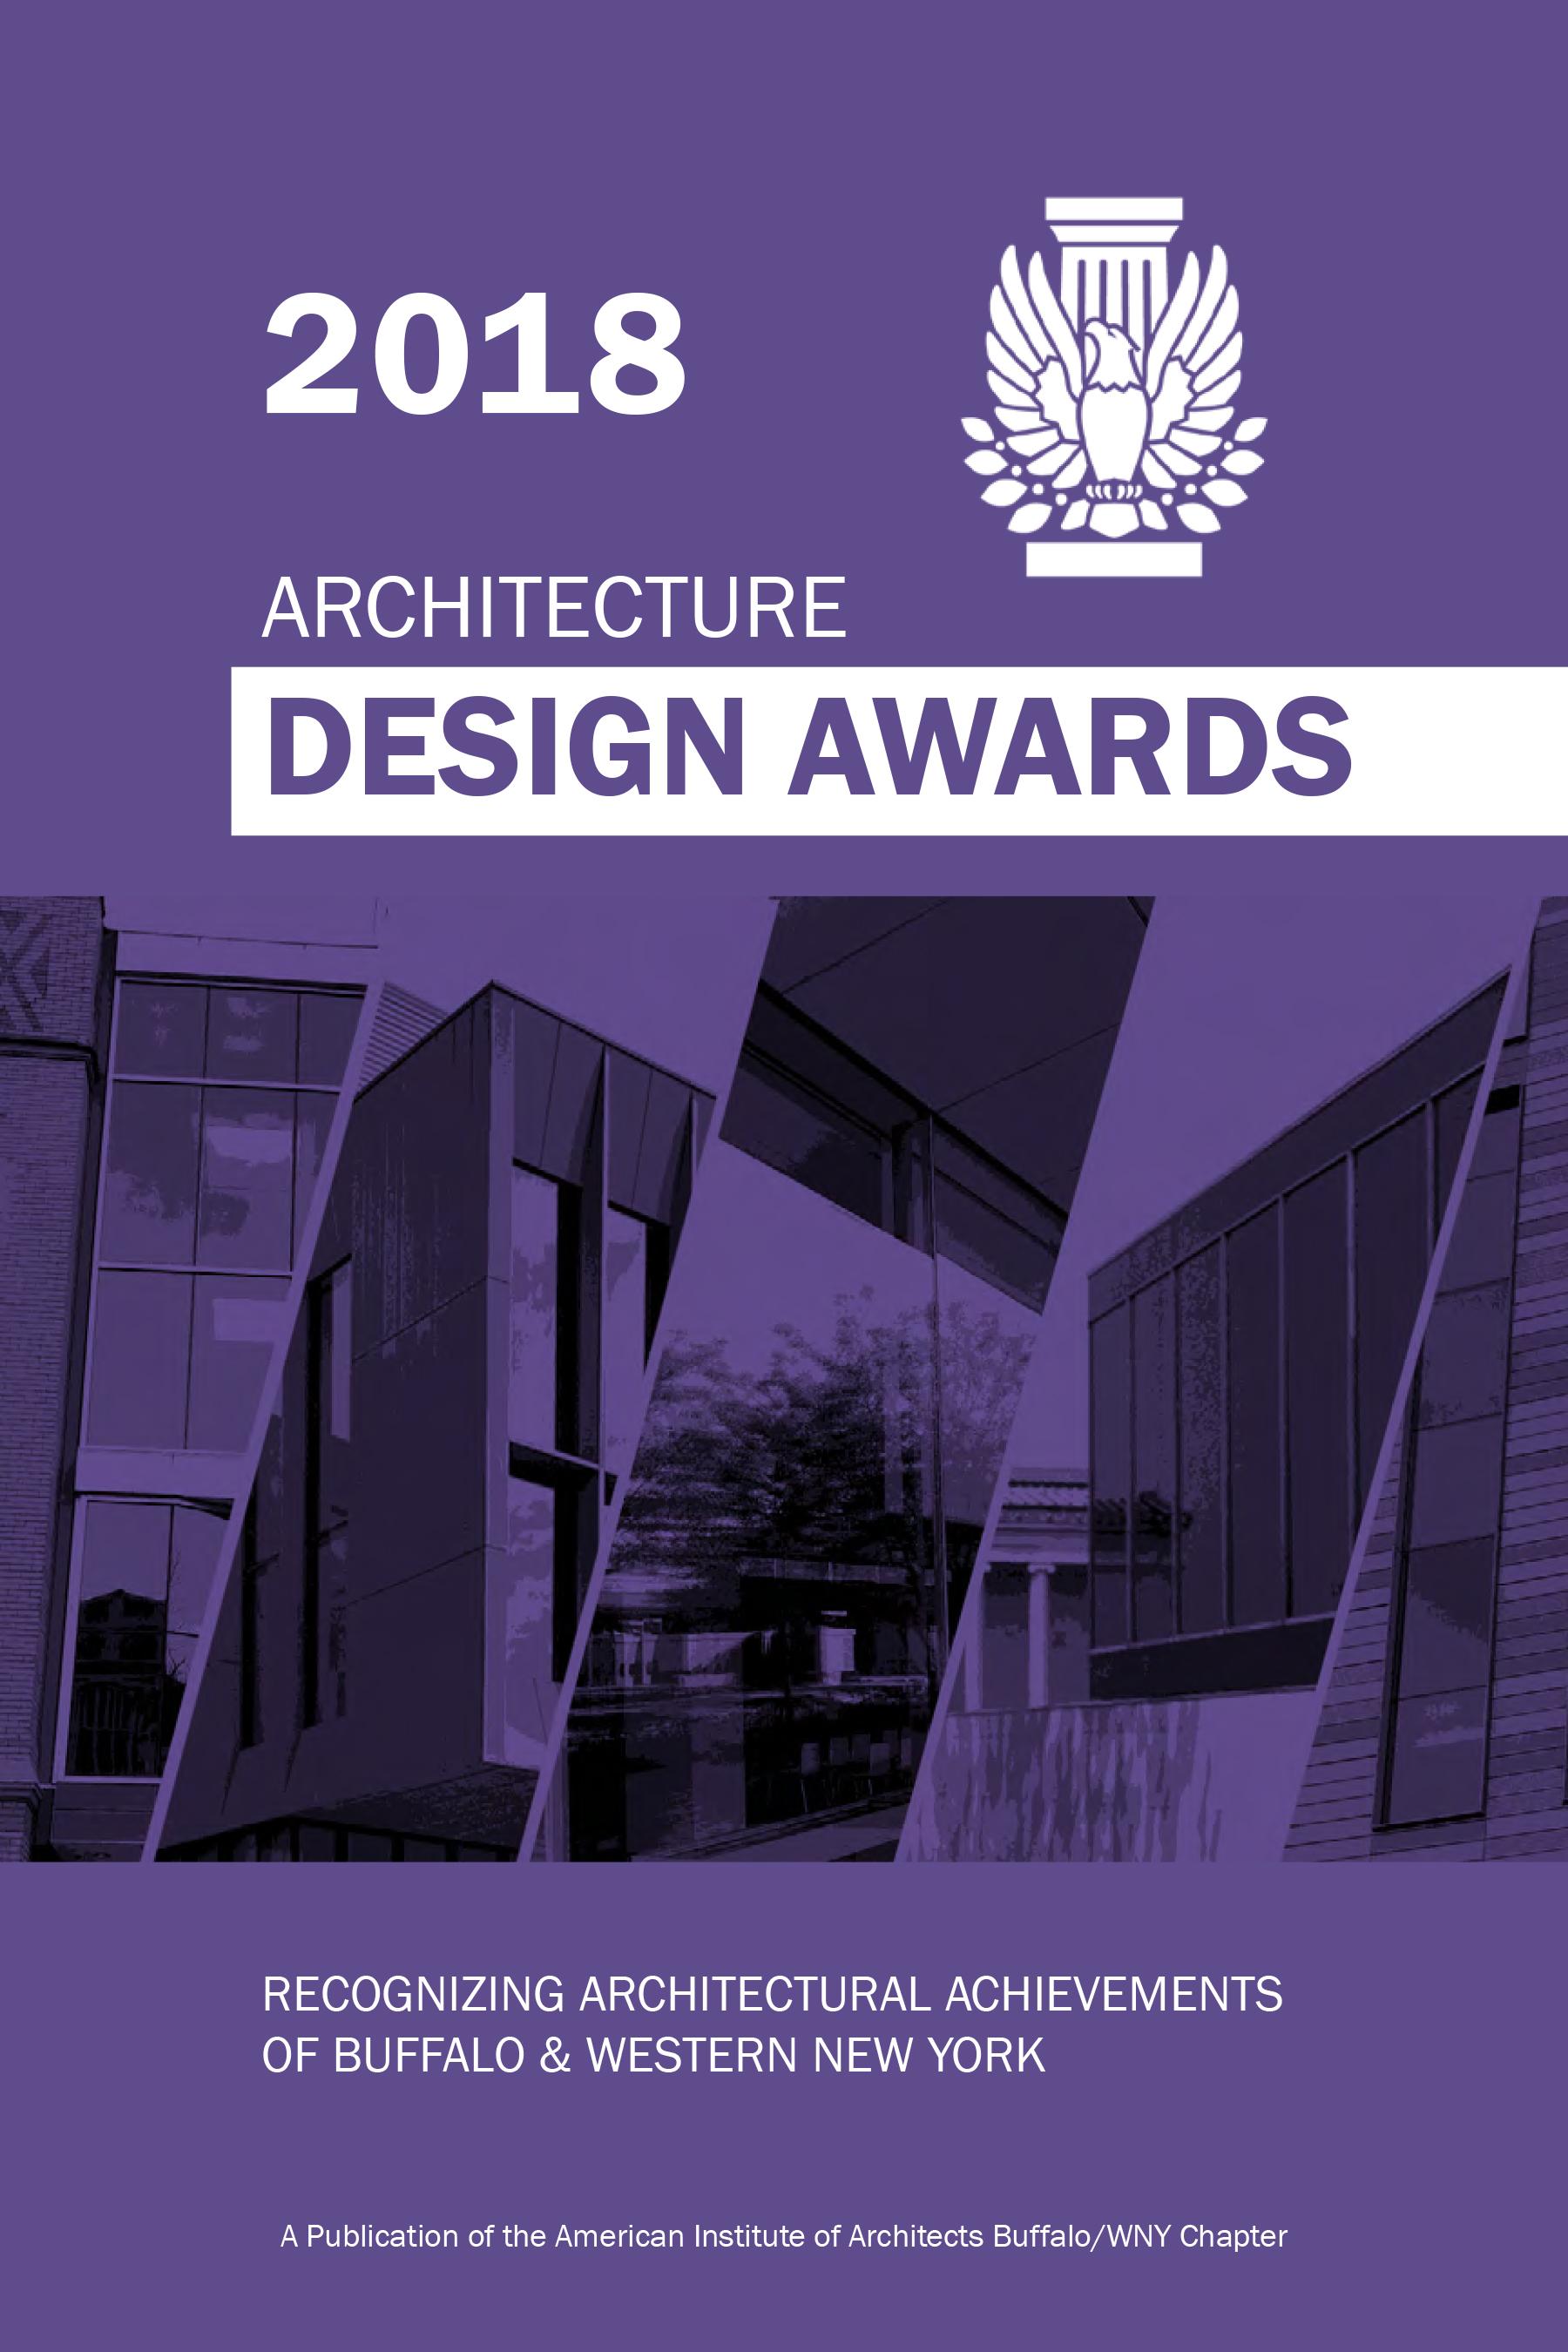 2018 Design Awards cover.jpg